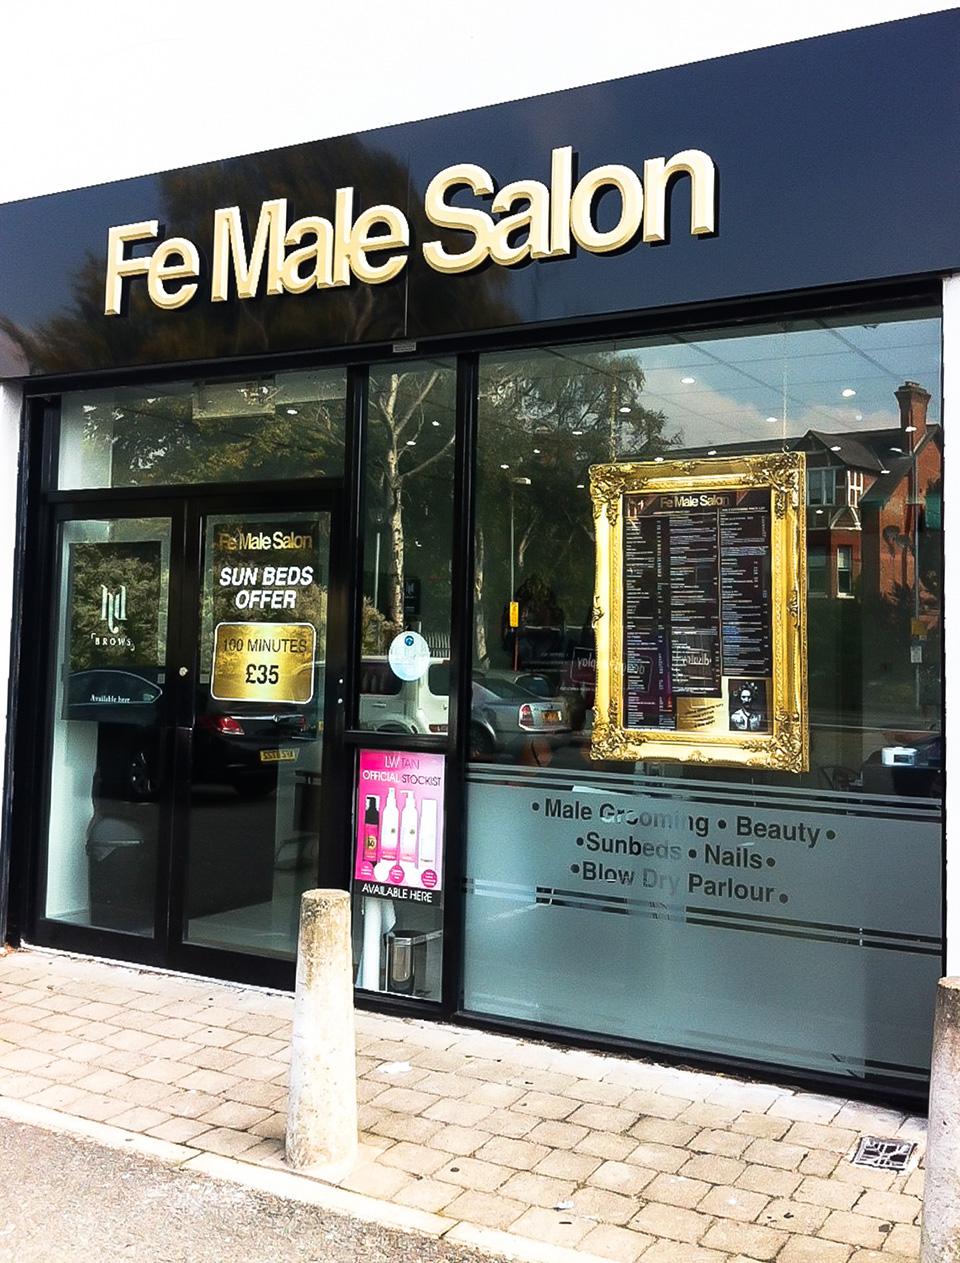 Fachadas de Lojas de Roupas Fe Male Salon